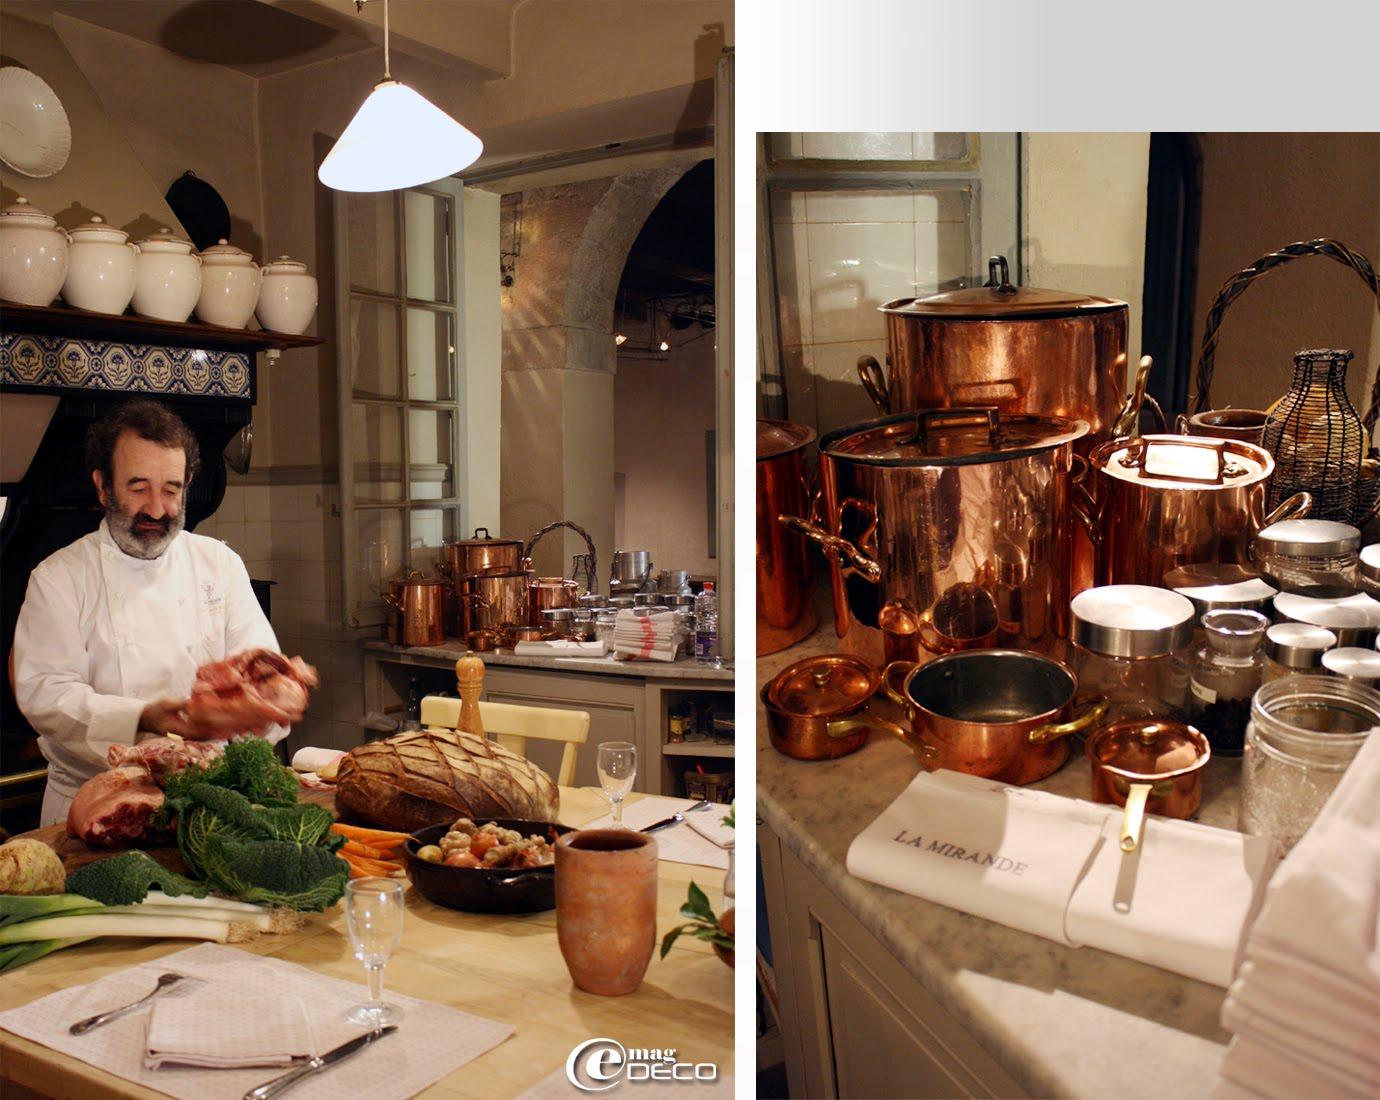 Le chef Jean-Claude Altmayer dans l'ancienne cuisine du XIXème siècle de l'Hôtel La Mirande